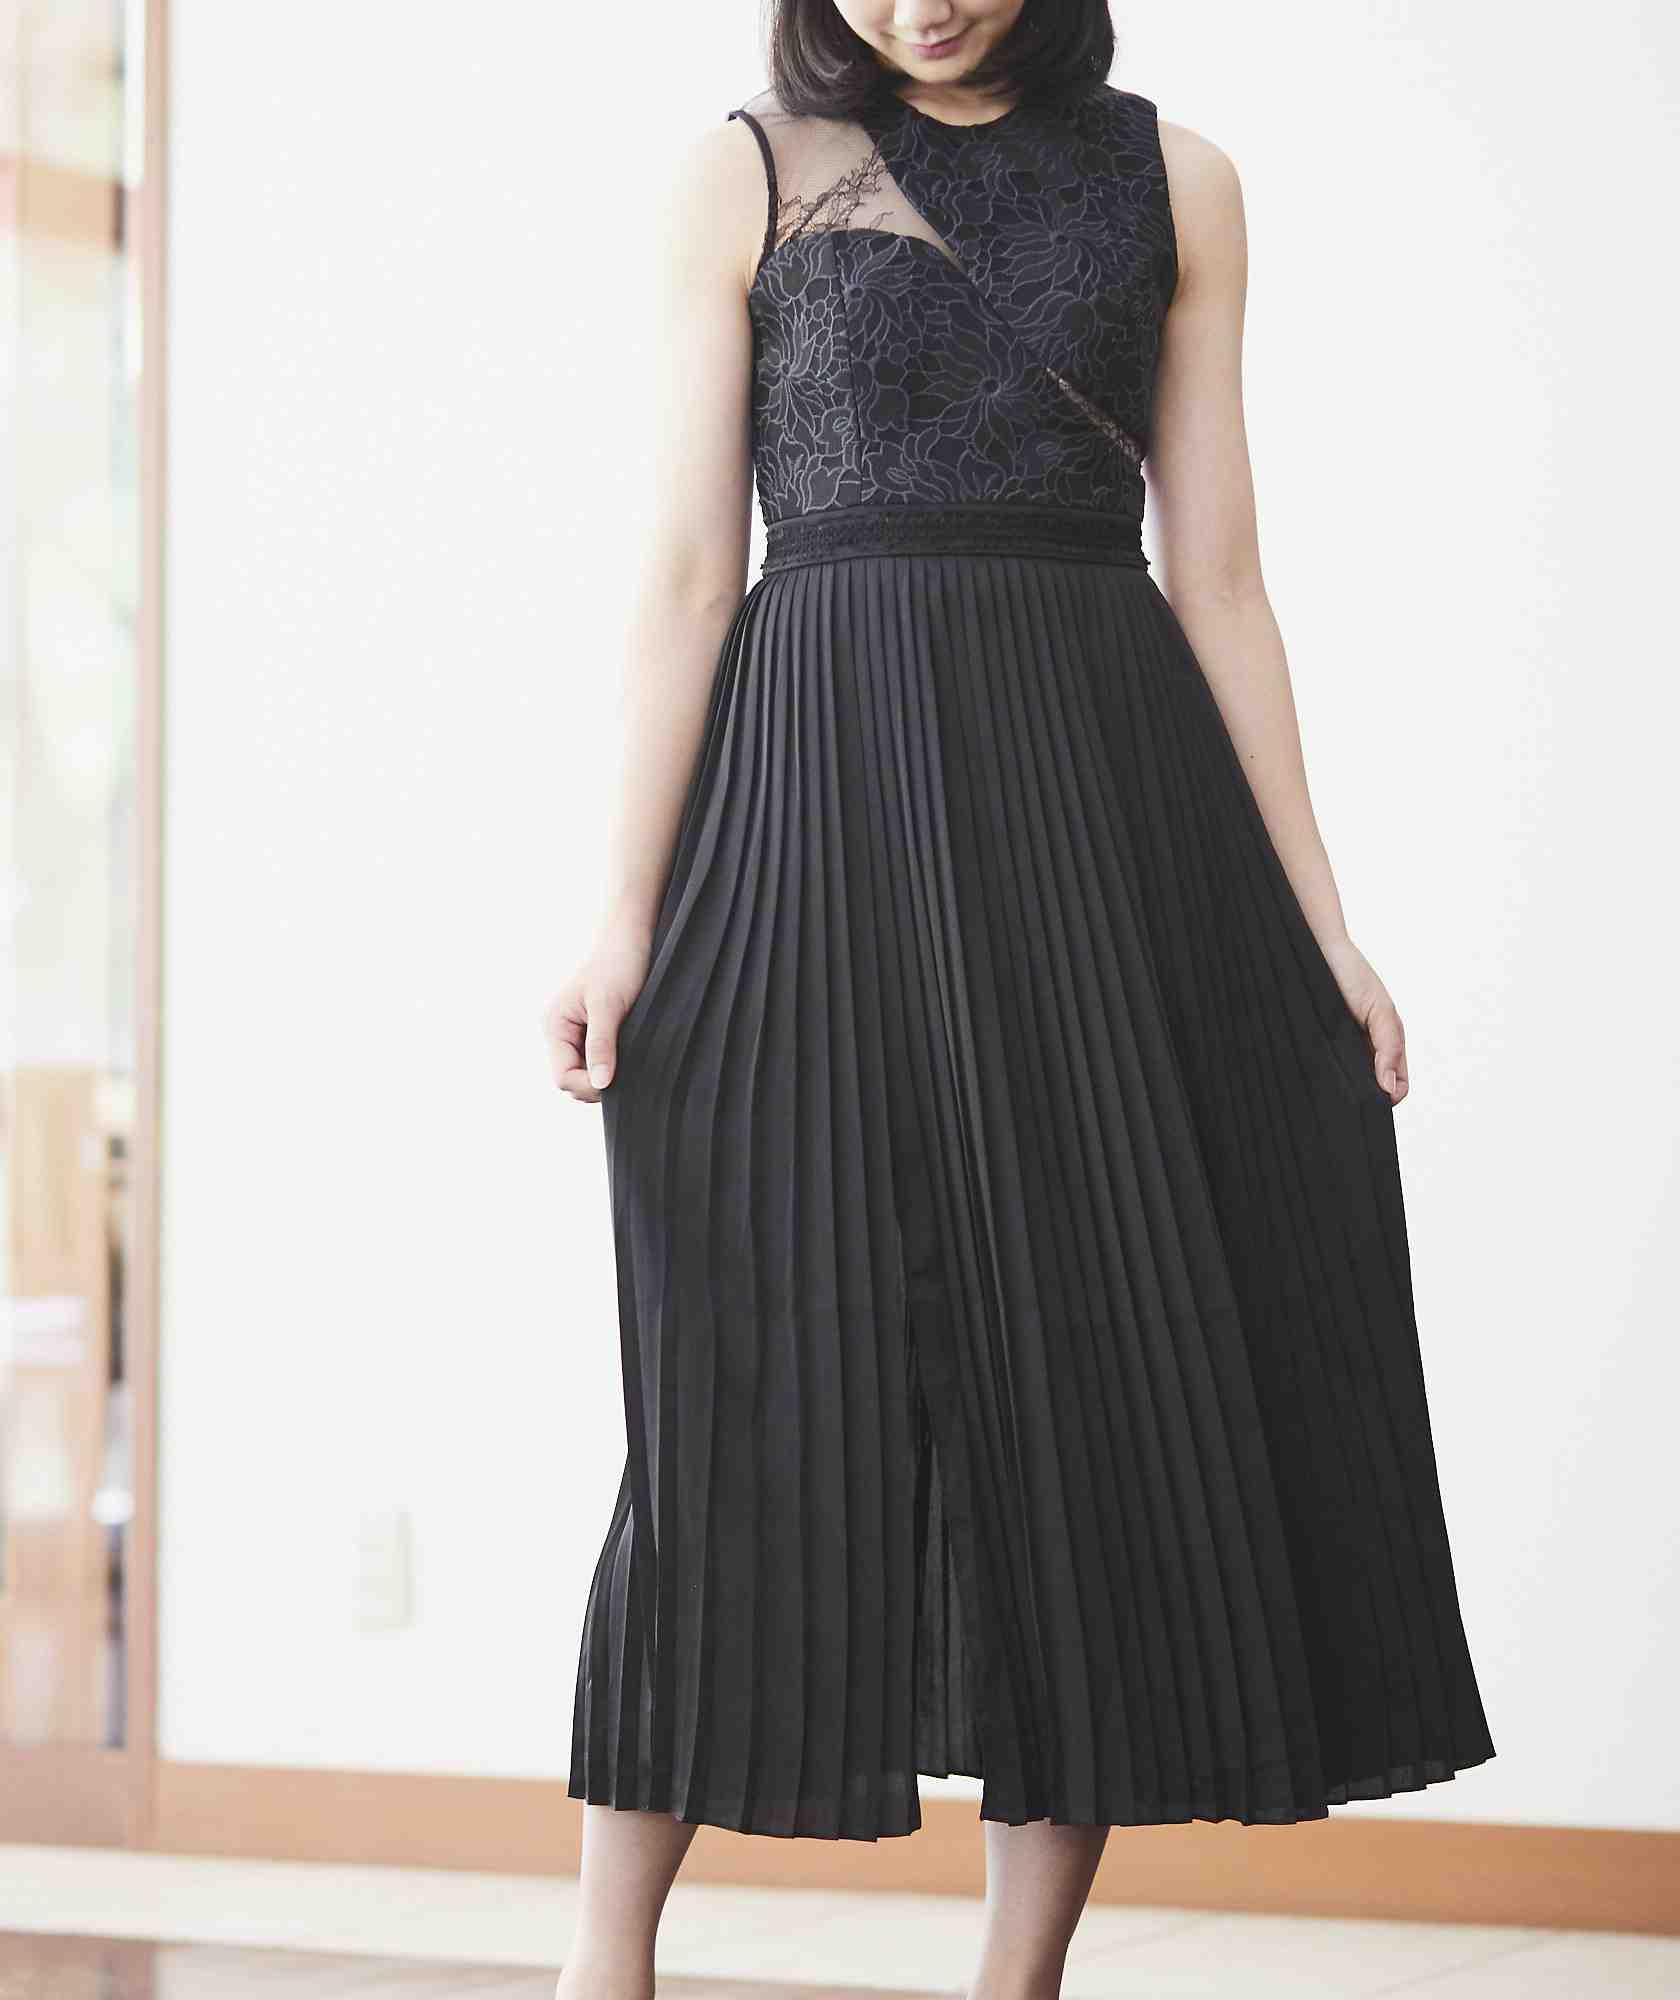 カットアウトレースプリーツミディアムドレス-ブラック-XS